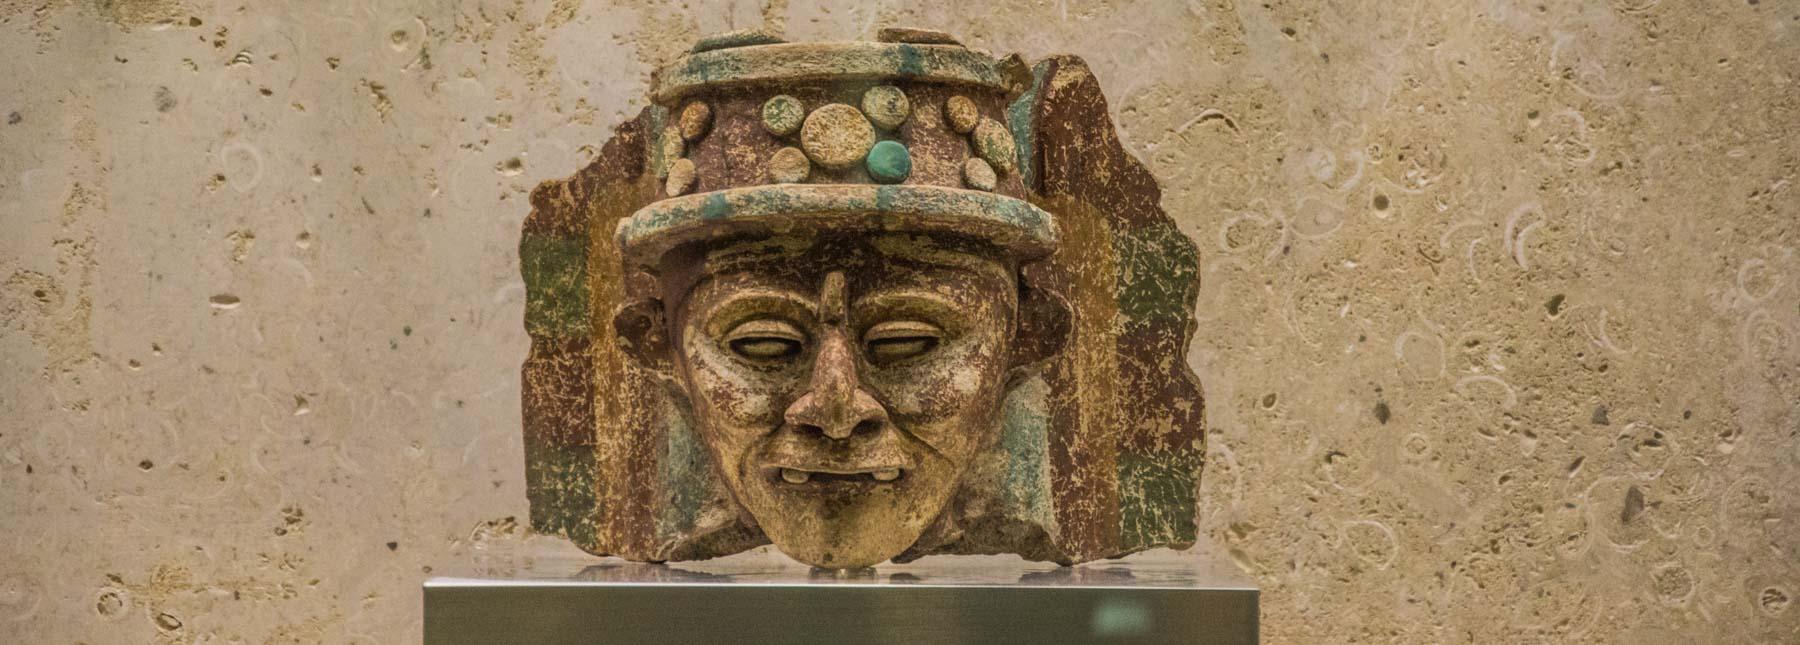 A Mayan death mask.